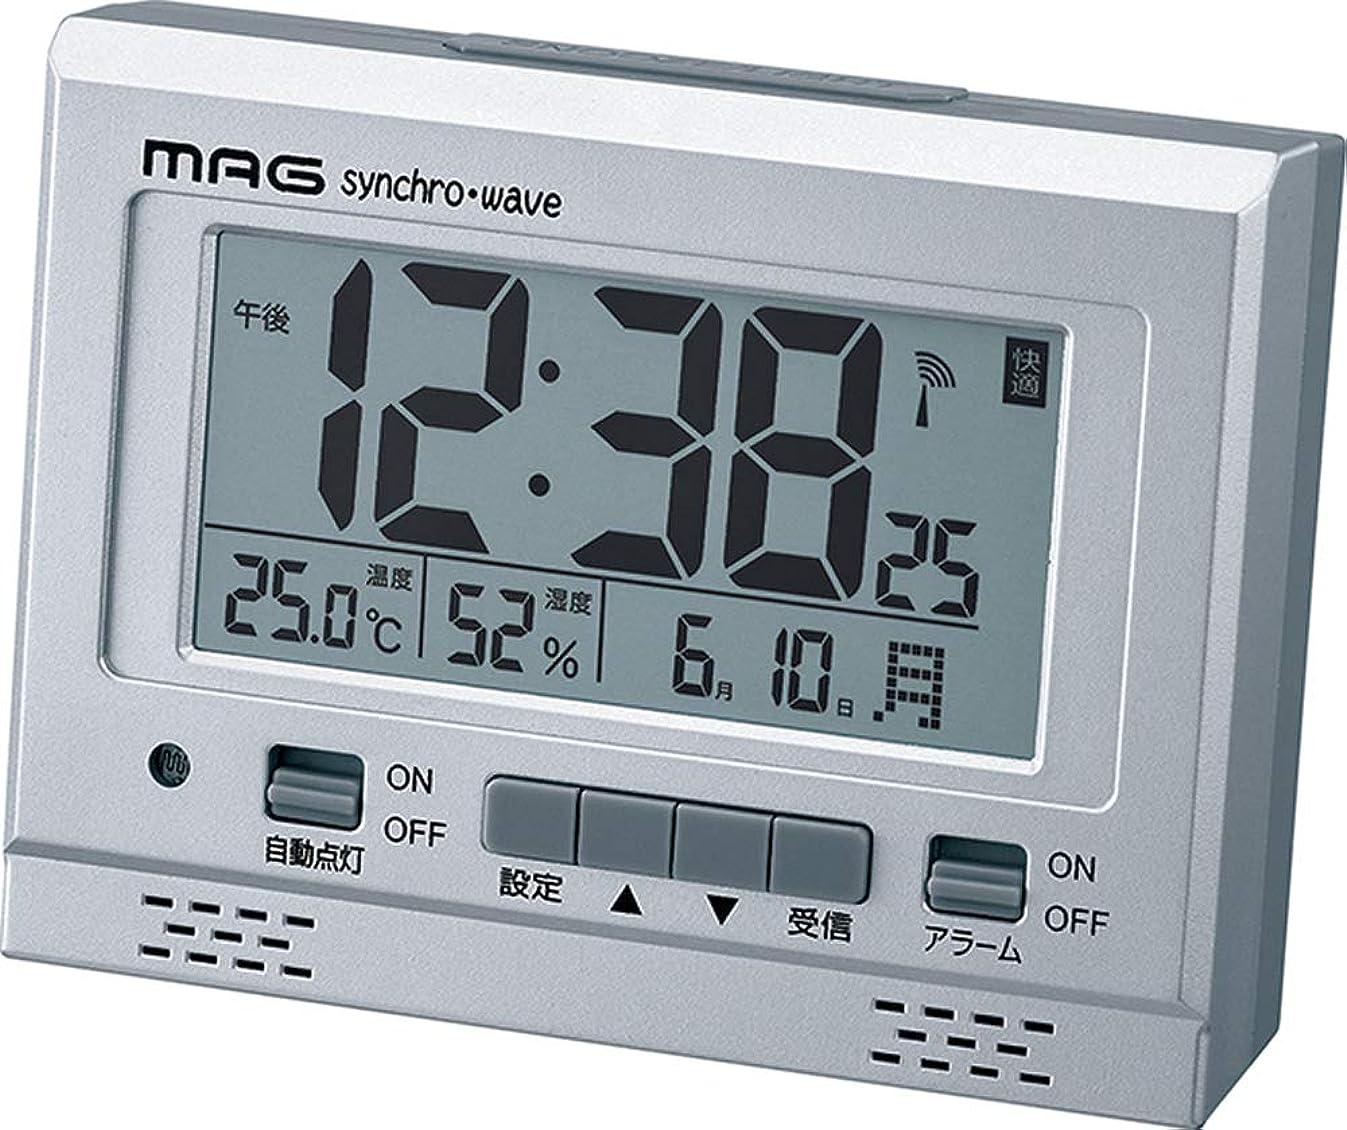 日付刈るオートMAG(マグ) 目覚まし時計 電波 デジタル エアサーチグッドライト 環境目安 温度 湿度 カレンダー表示 シルバー T-694SM-Z